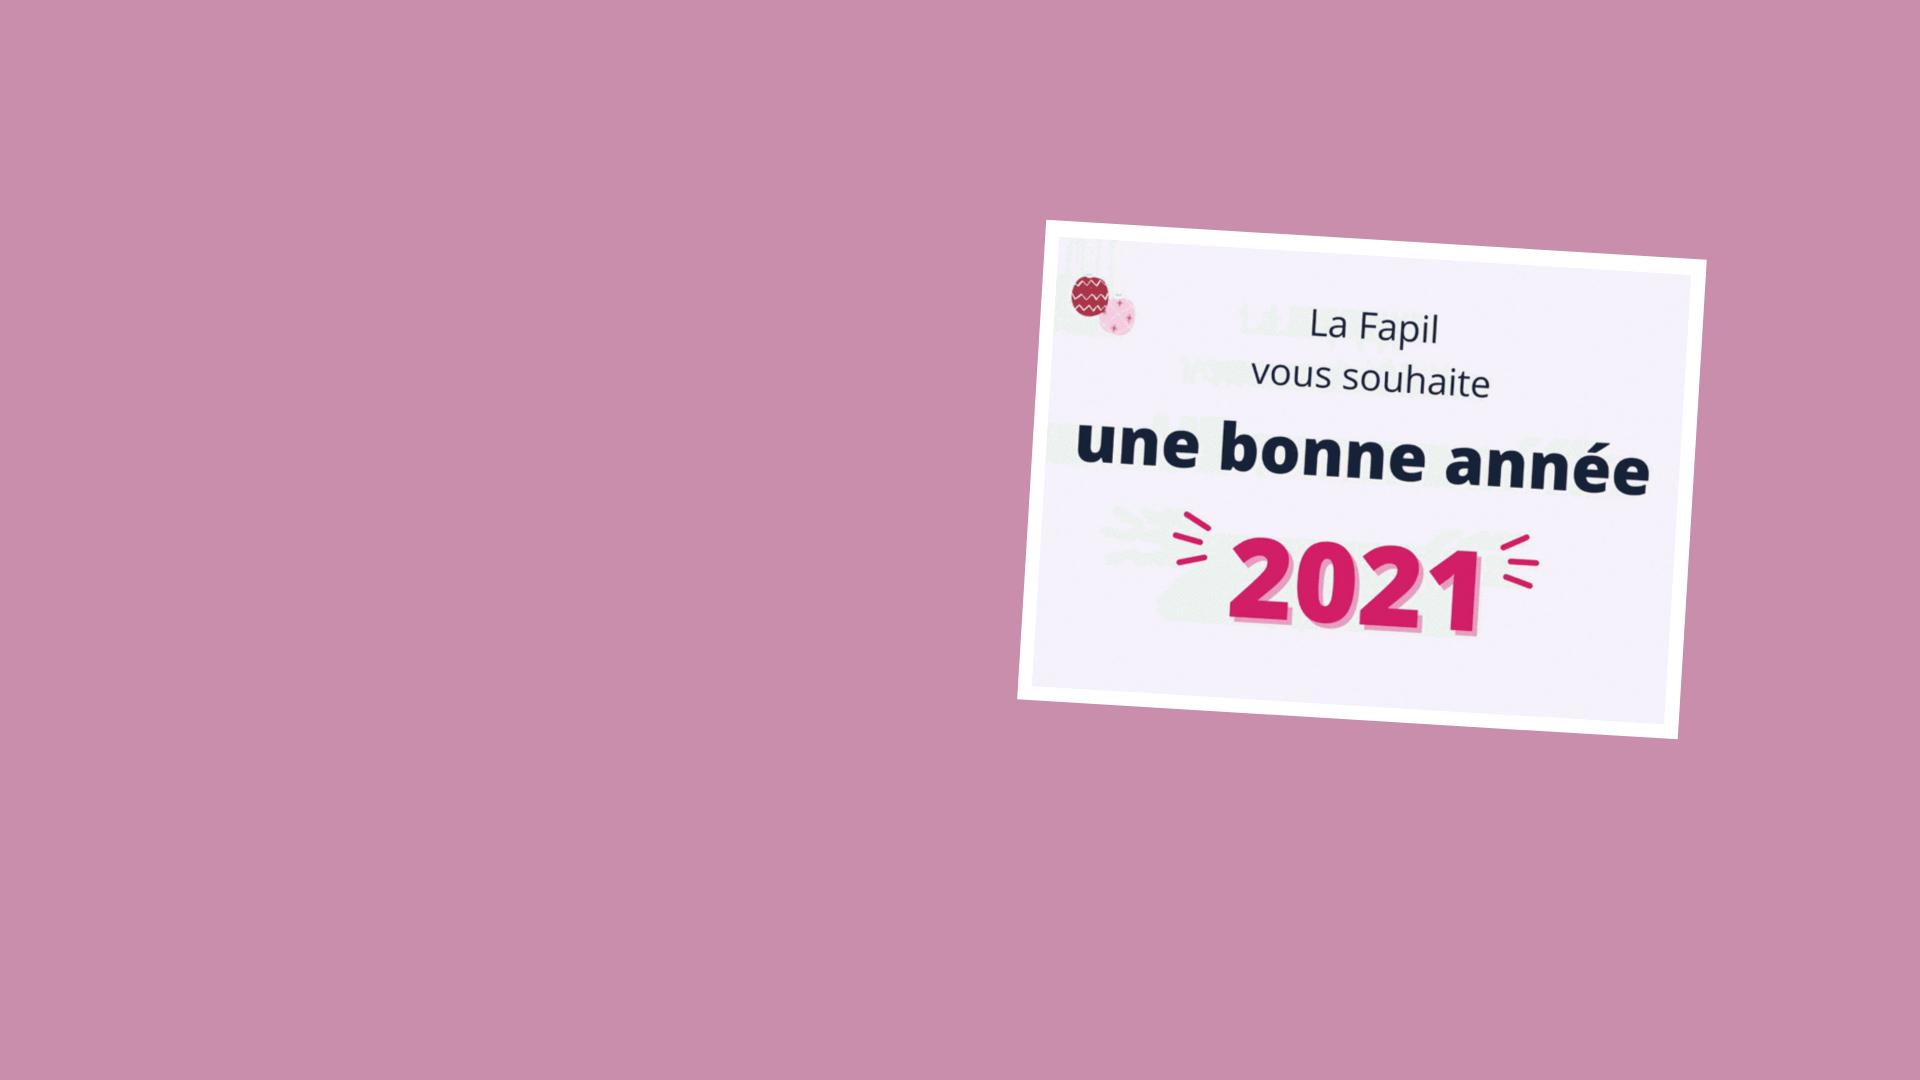 La Fapil vous souhaite une très bonne année 2021